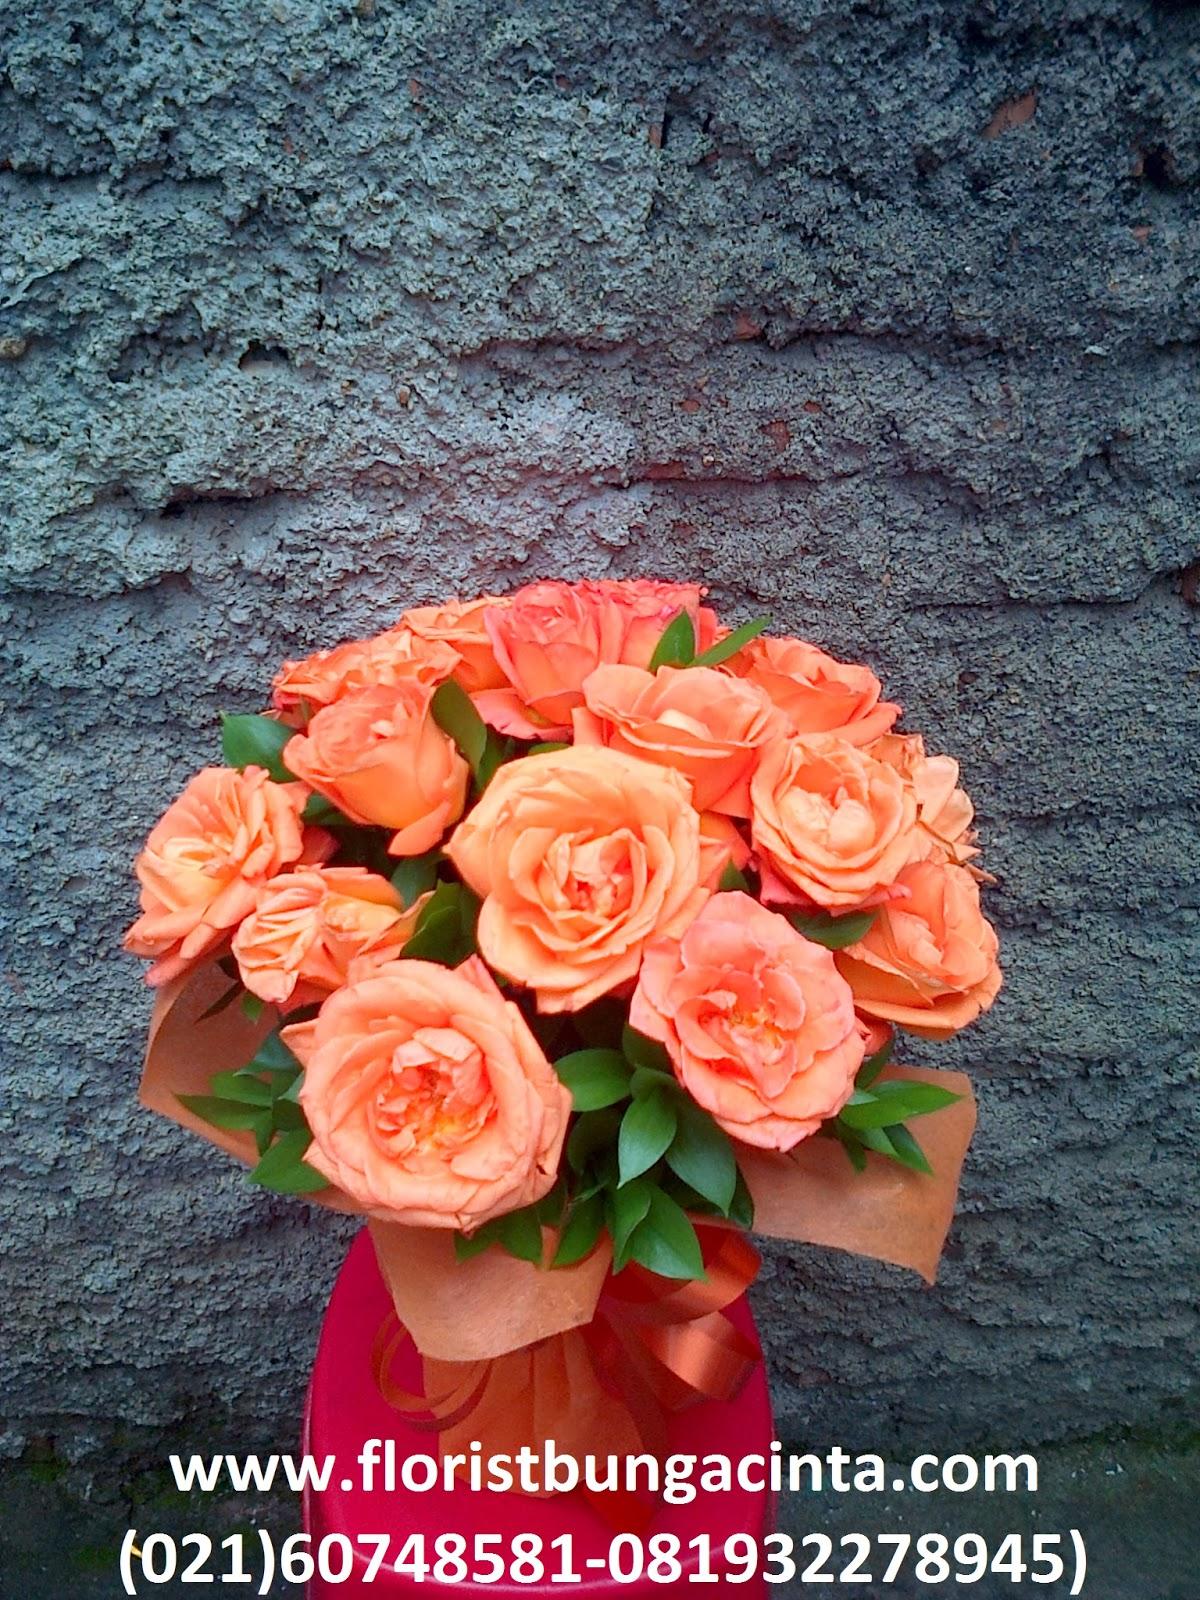 Mawar 01 Mawar 02 Mawar 03